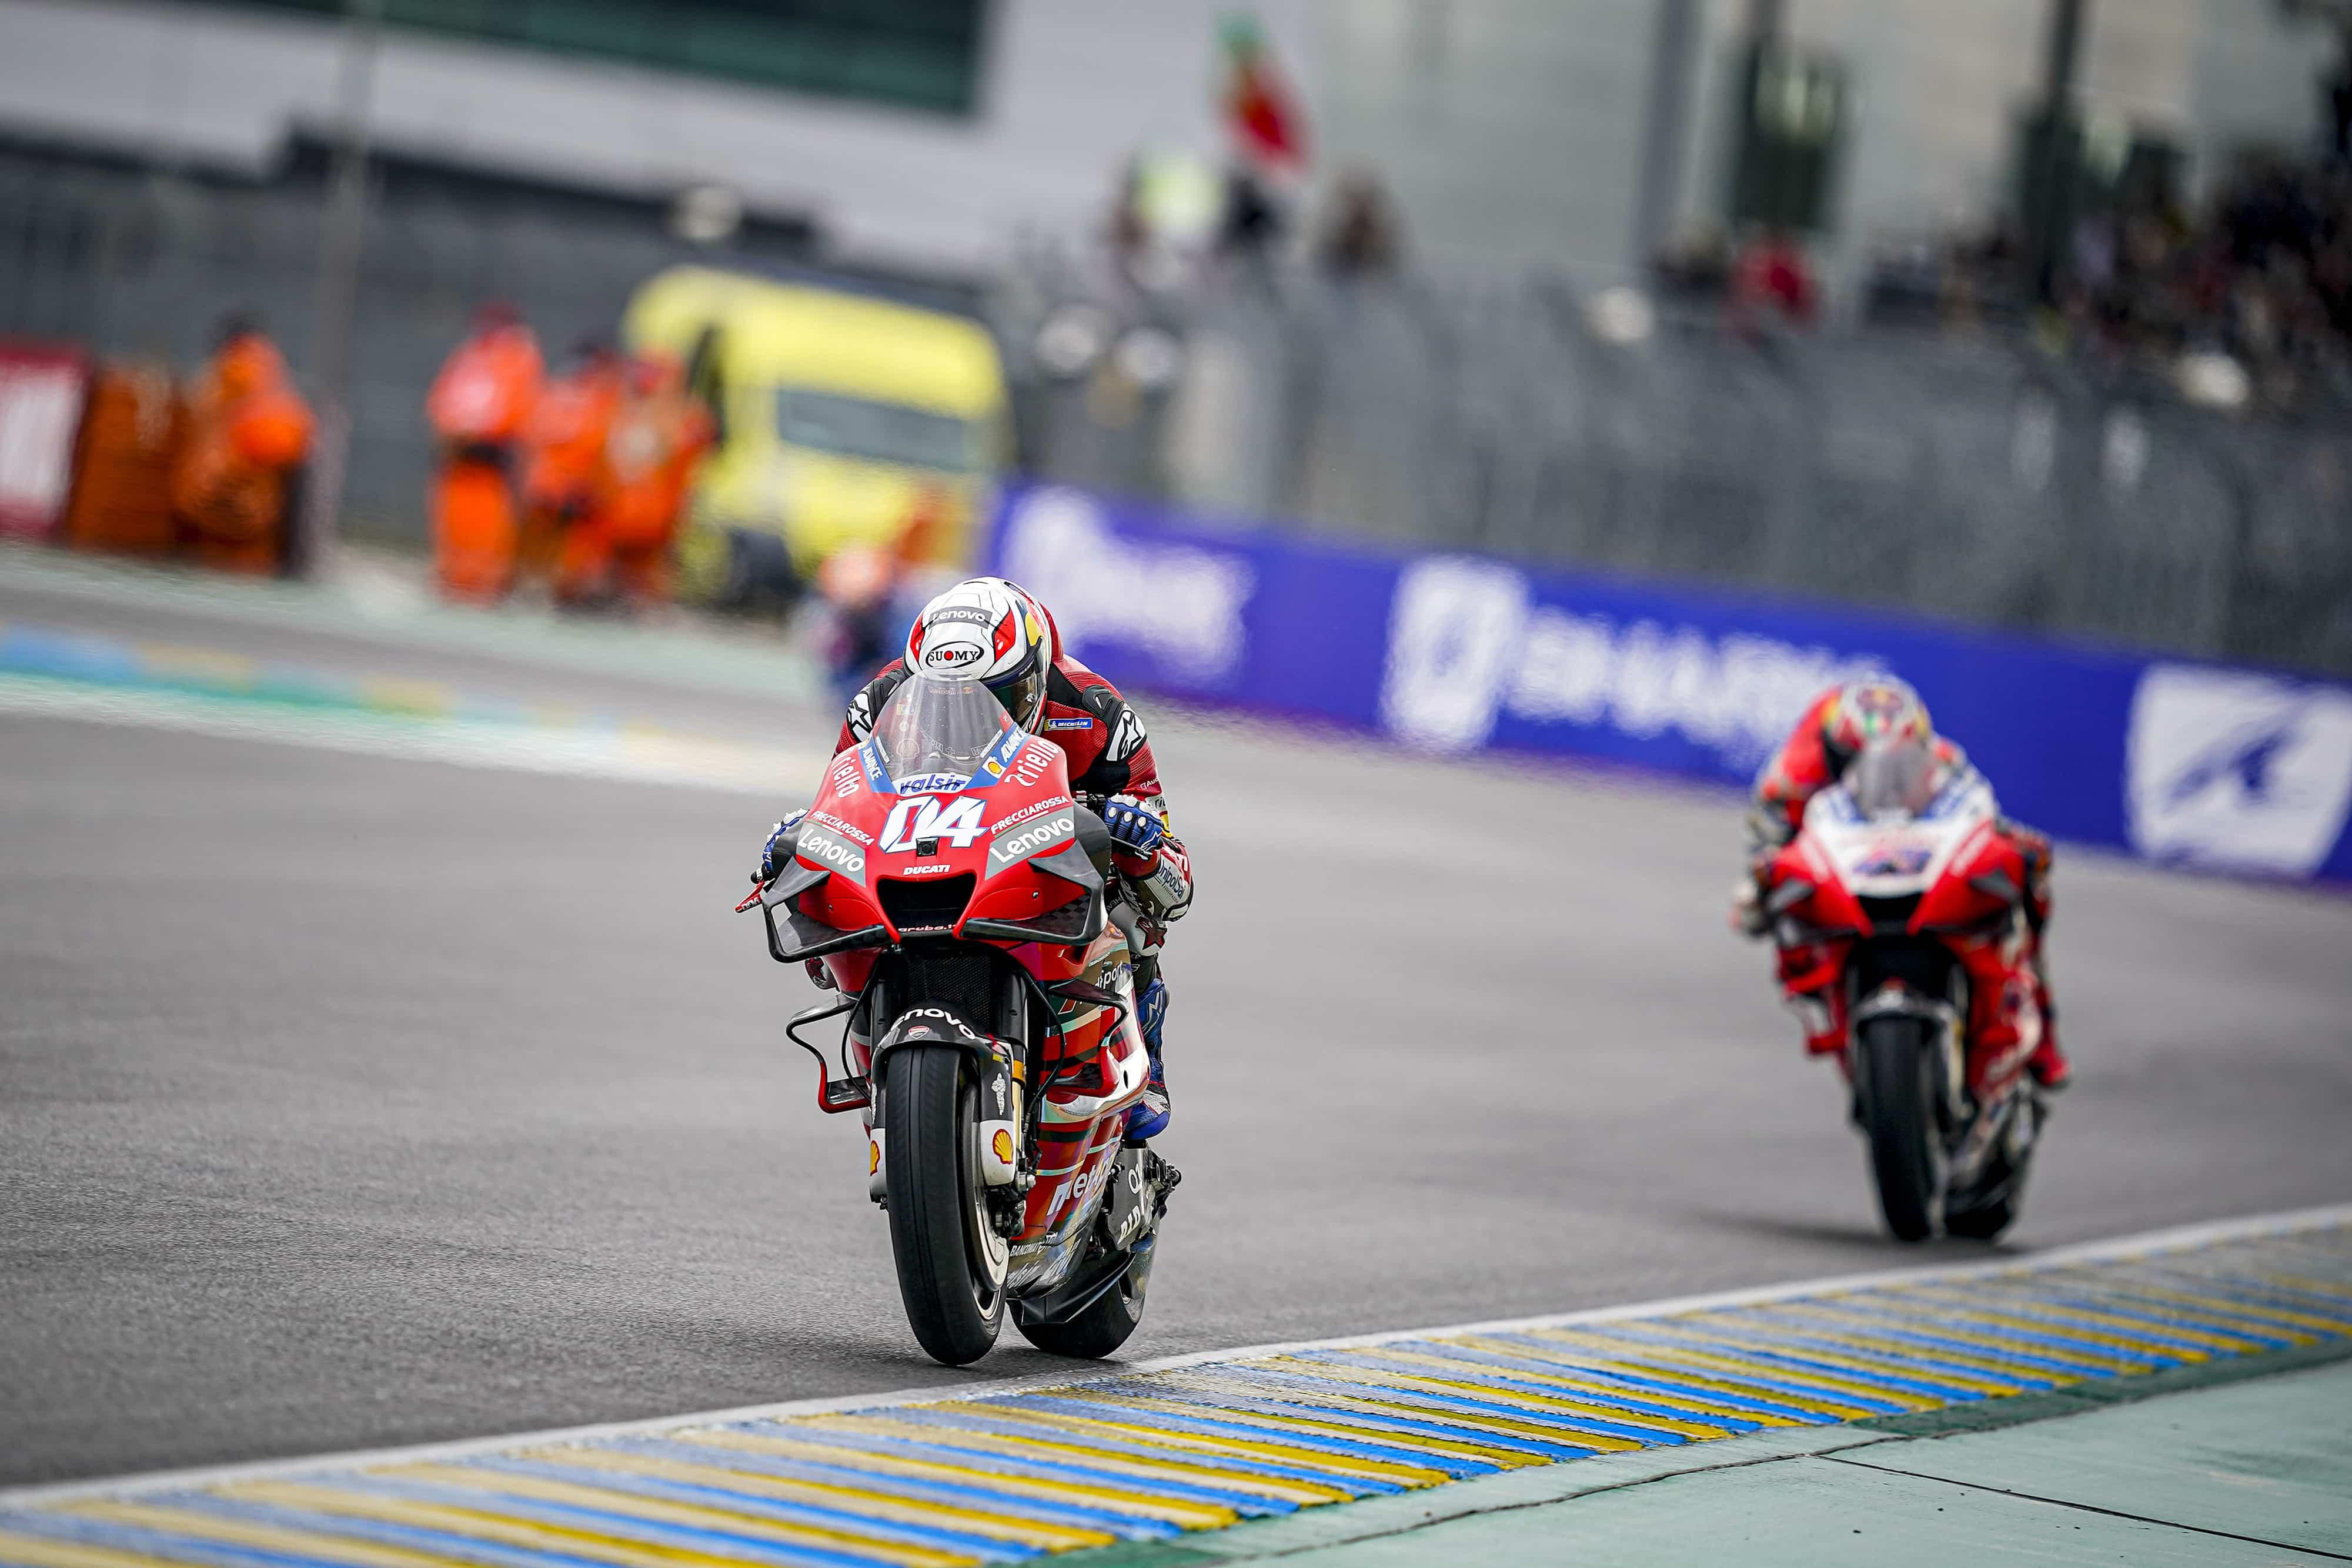 フランスGP 4位アンドレア・ドヴィツィオーゾ「タイヤ選択を間違えたかもしれない」